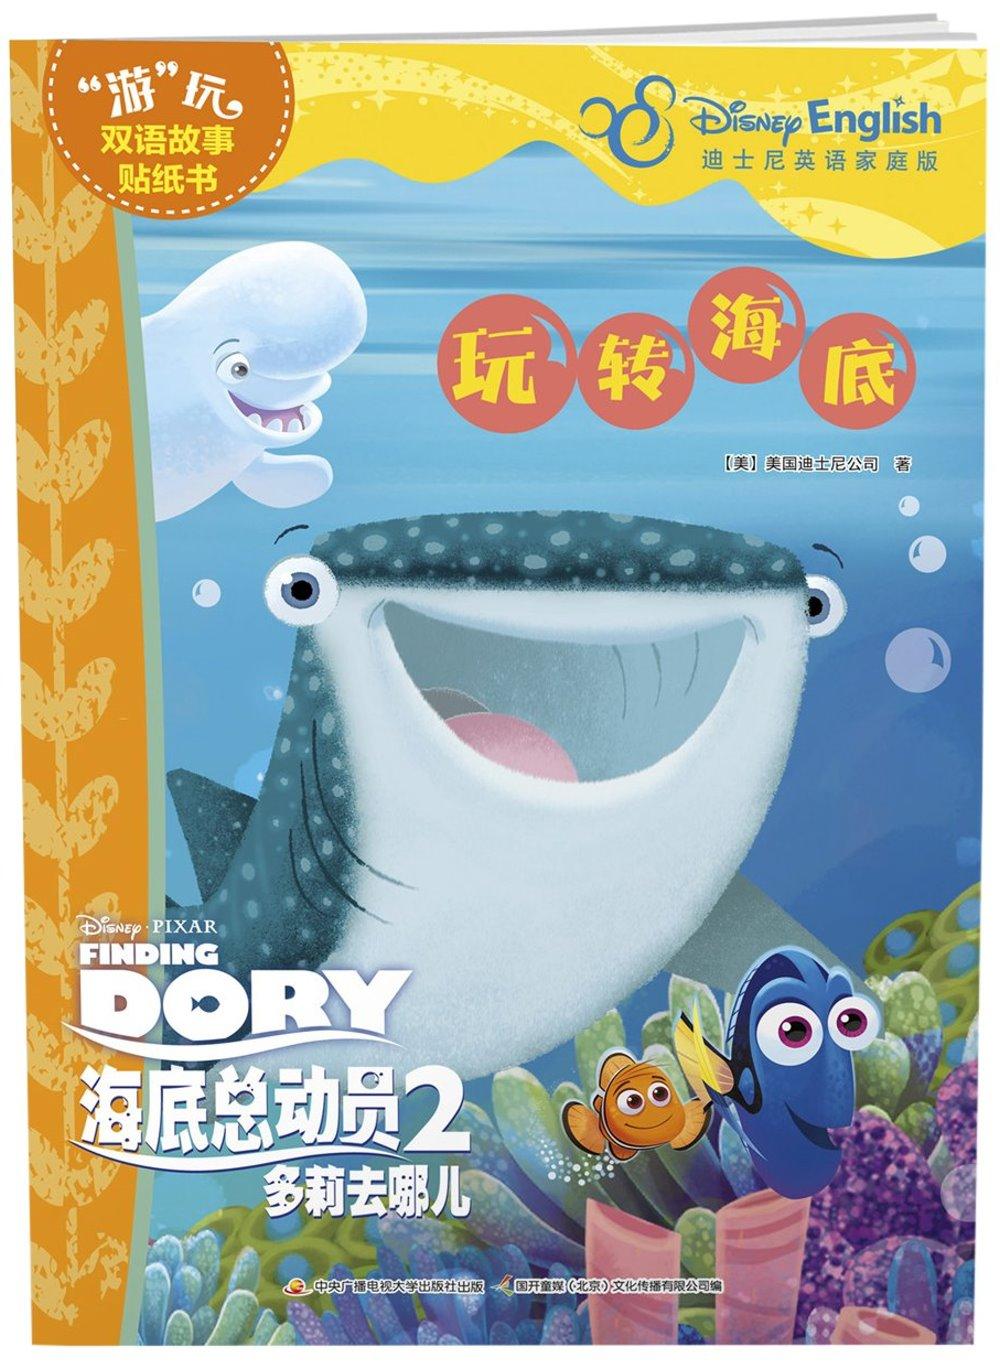 海底總動員2多莉去哪兒玩轉海底-迪士尼英語家庭版